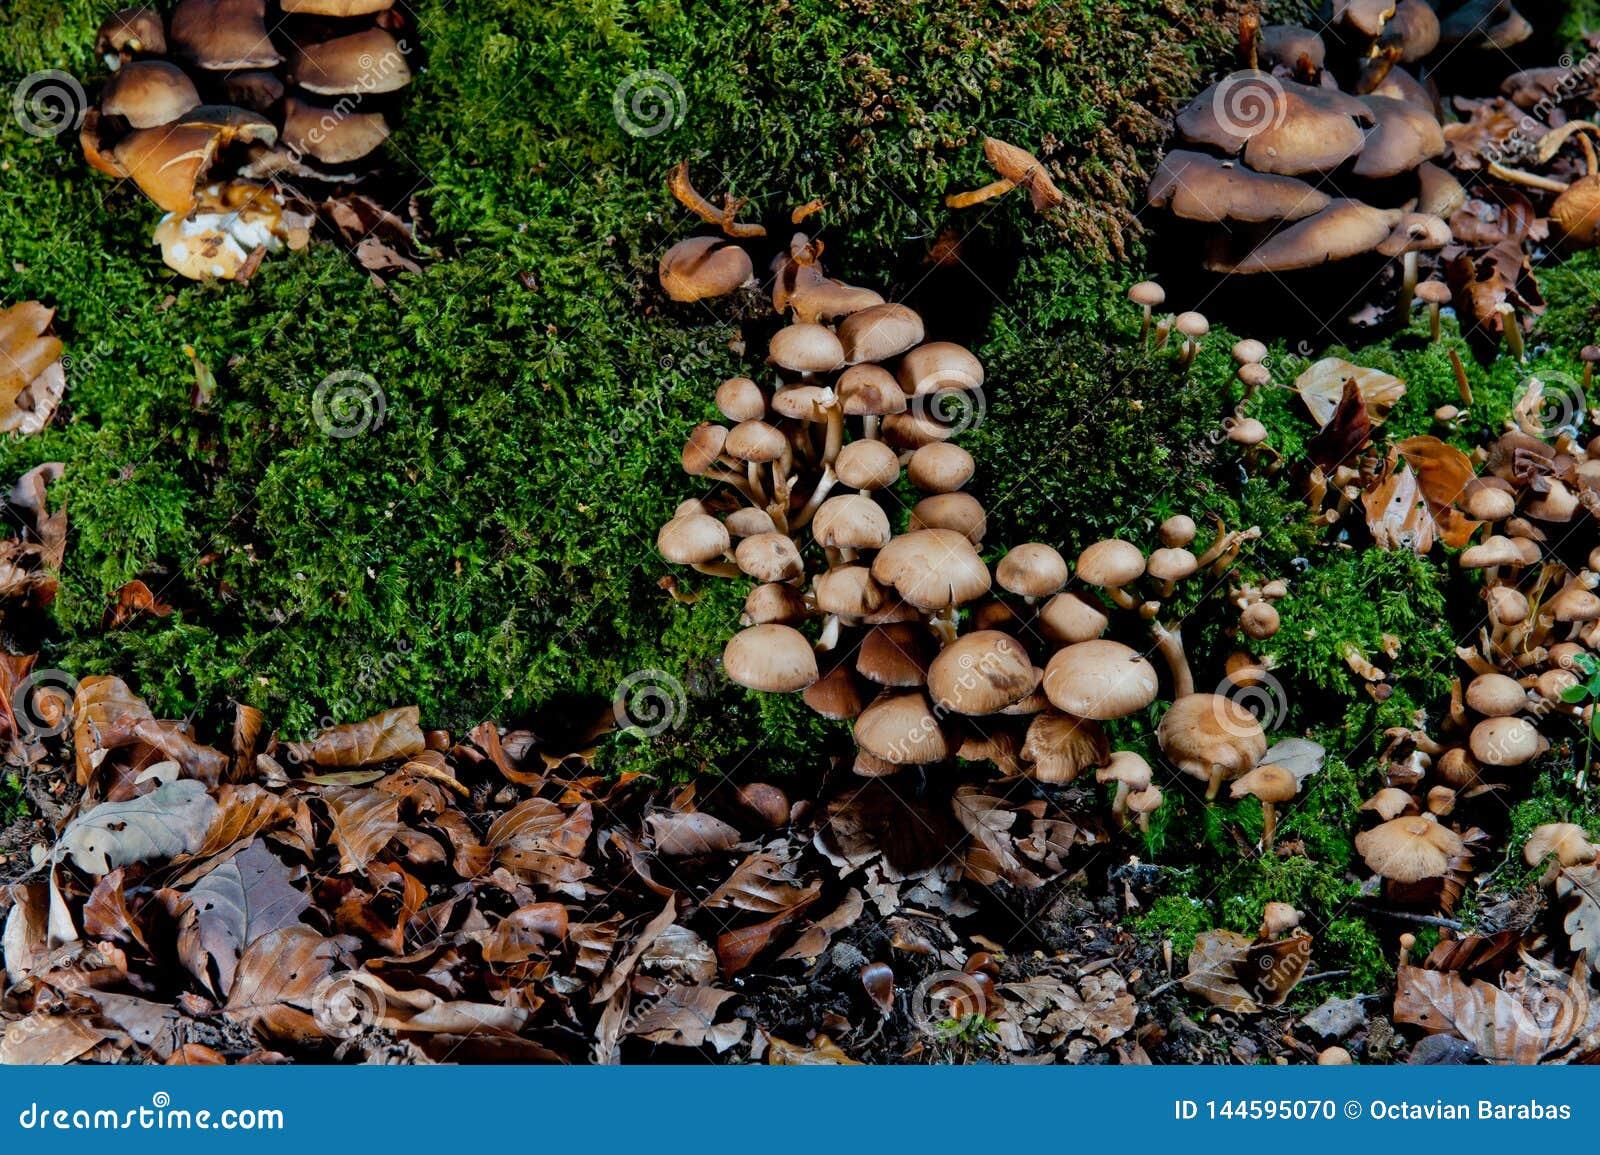 Grupy brąz one rozrastają się na mech w lesie